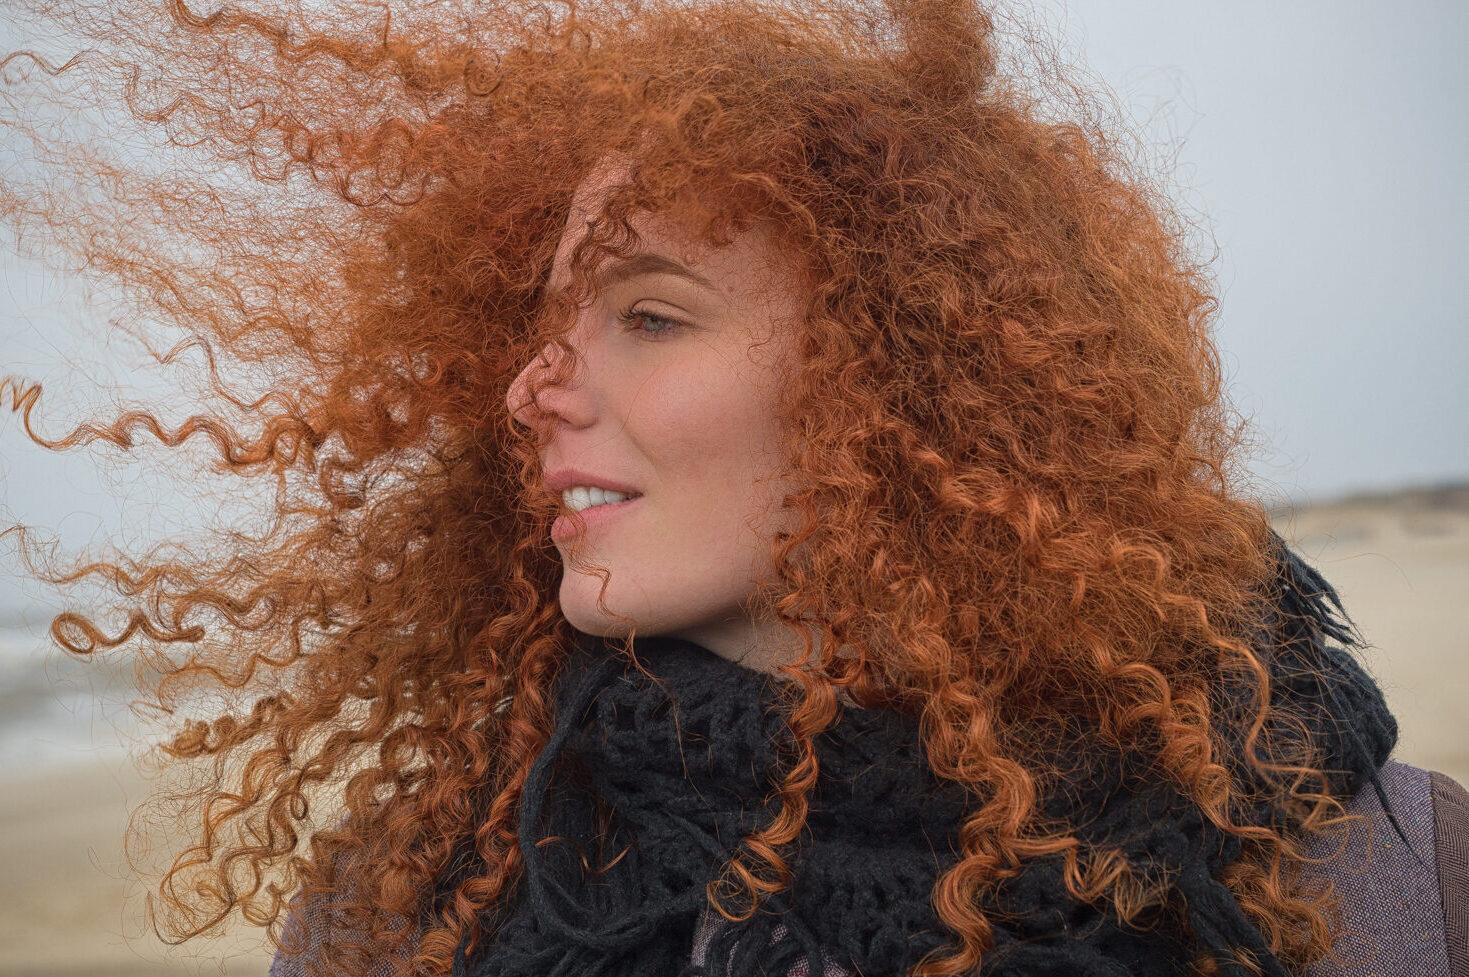 Model Myrna at Sea, met rode haren in de wind